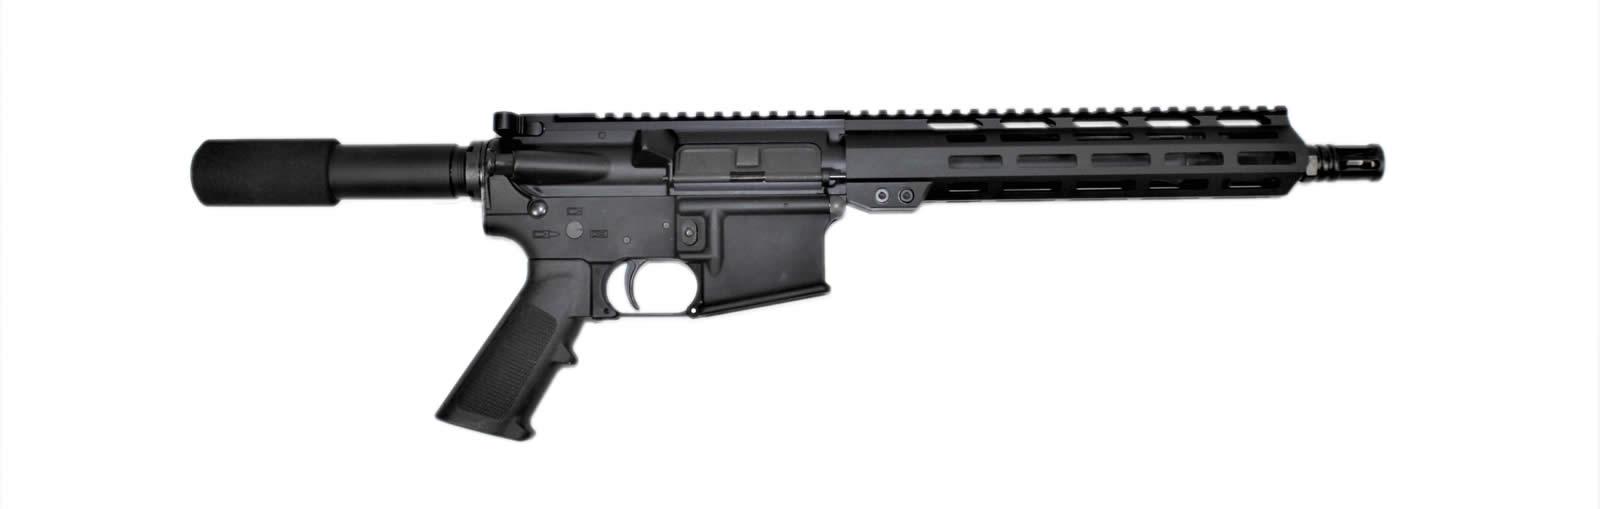 ar-15-complete-pistol-cbc-industries-pistol-10-5-300aac-10-cbc-arms-m-lok